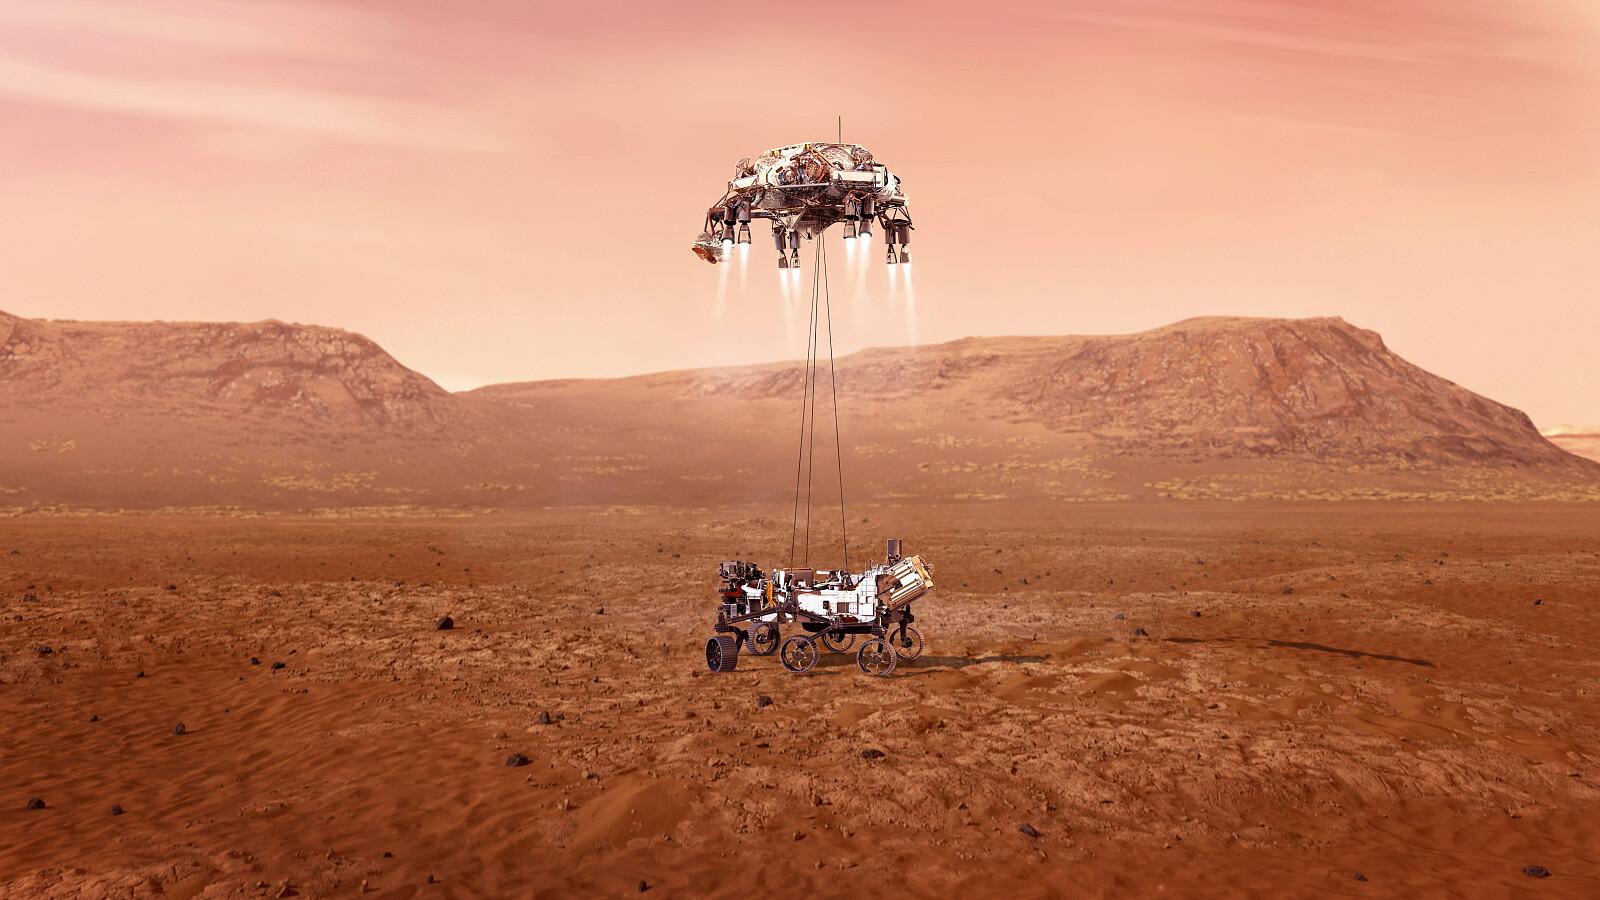 artystyczna wizja lądowania łazika Perseverance na Marsie / fot. PAP/EPA/NASA/JPL-Caltech HANDOUT